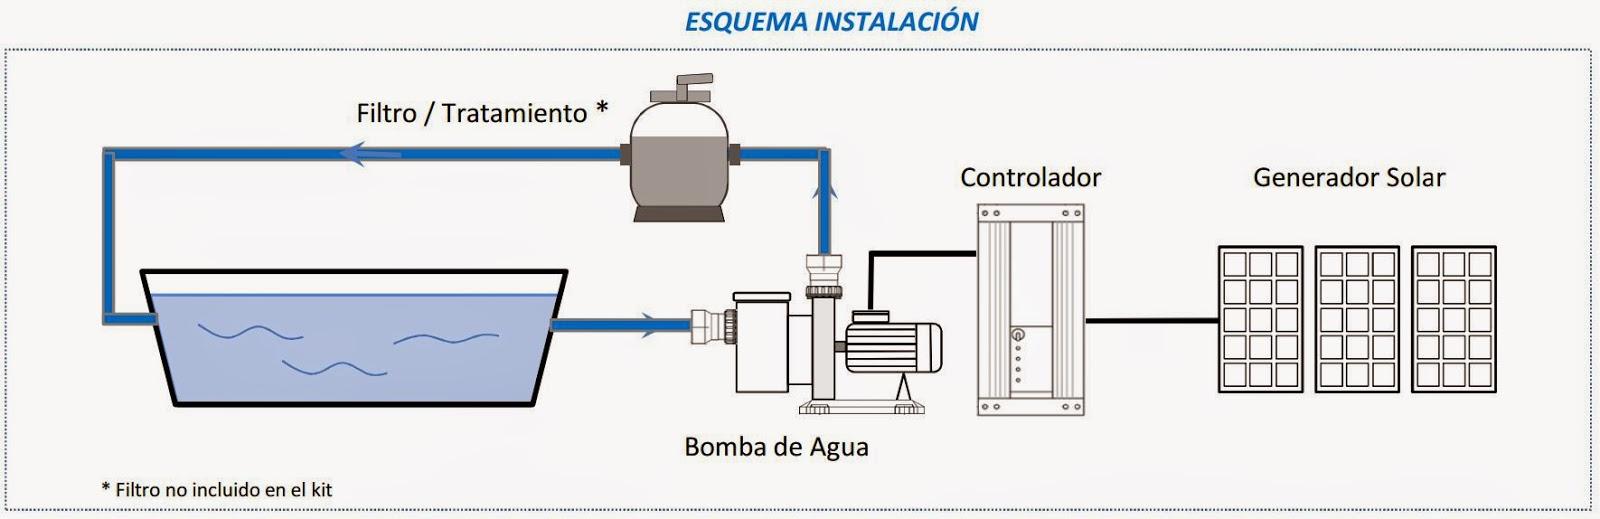 Yubasolar kits solares depuradoras de piscina - Instalacion piscina ...